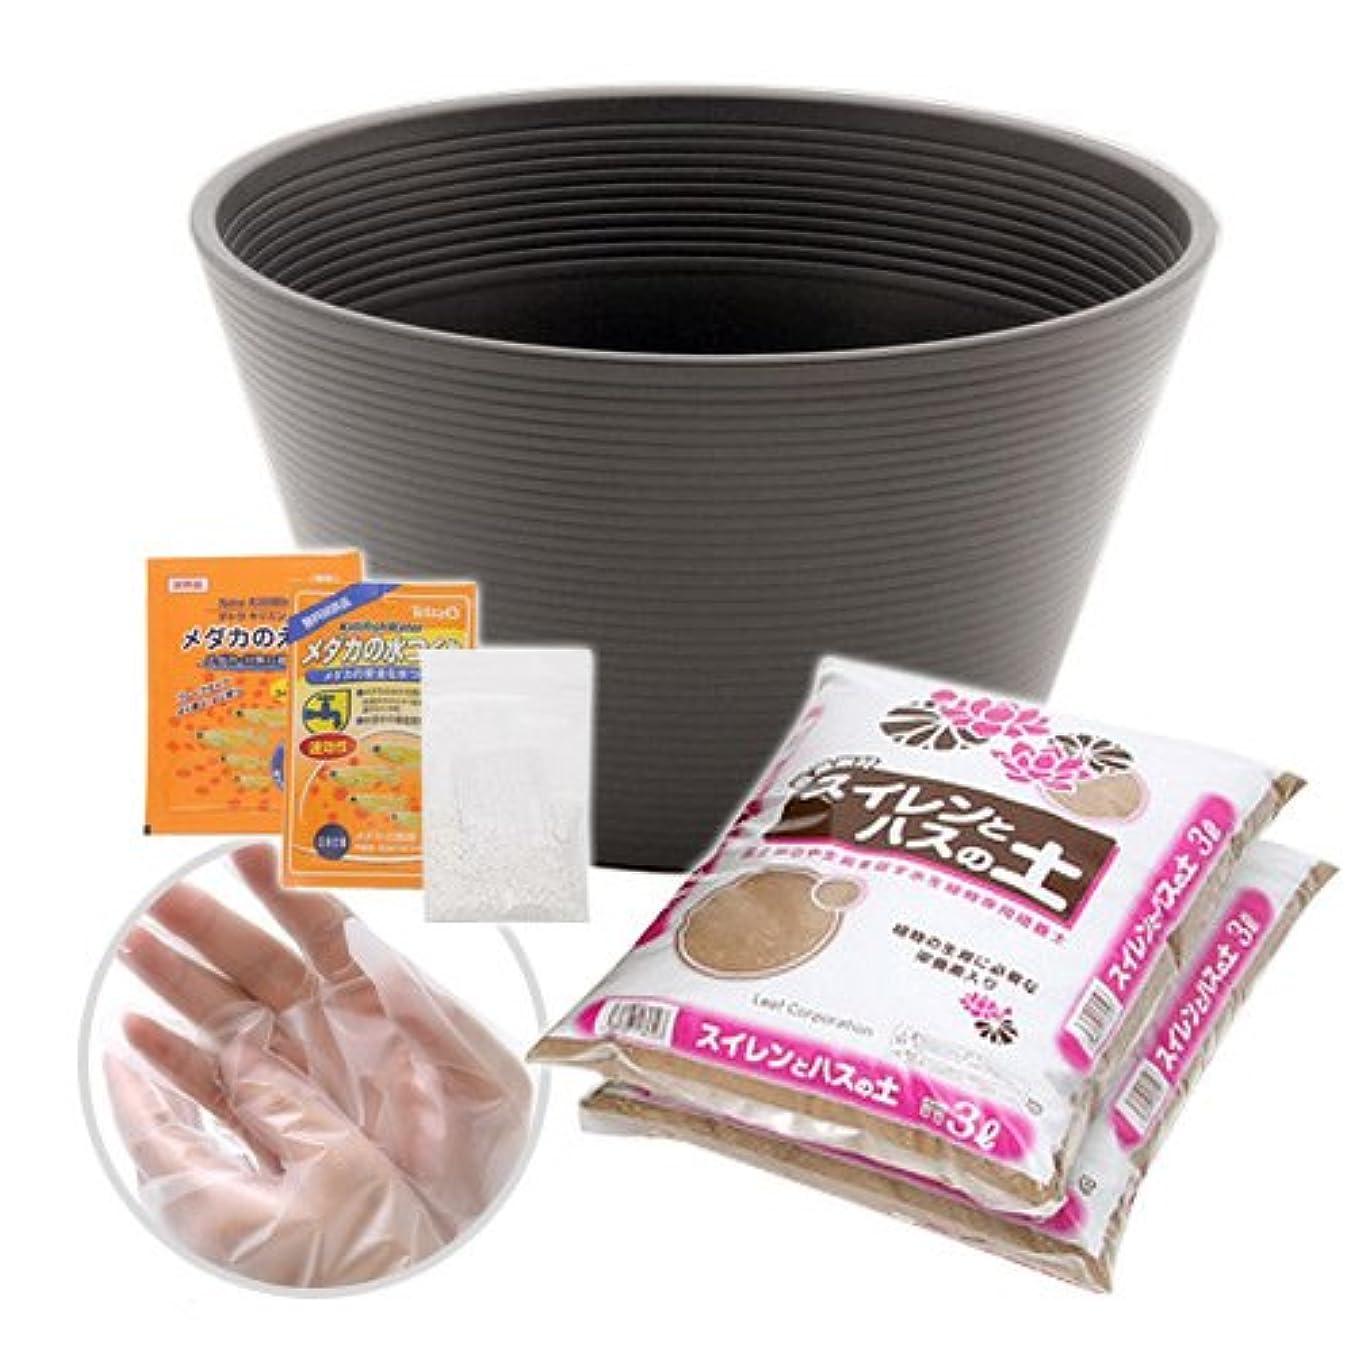 オーストラリア人モック建物樹脂製植木鉢 キューブポット 40㎝ ライトグレー